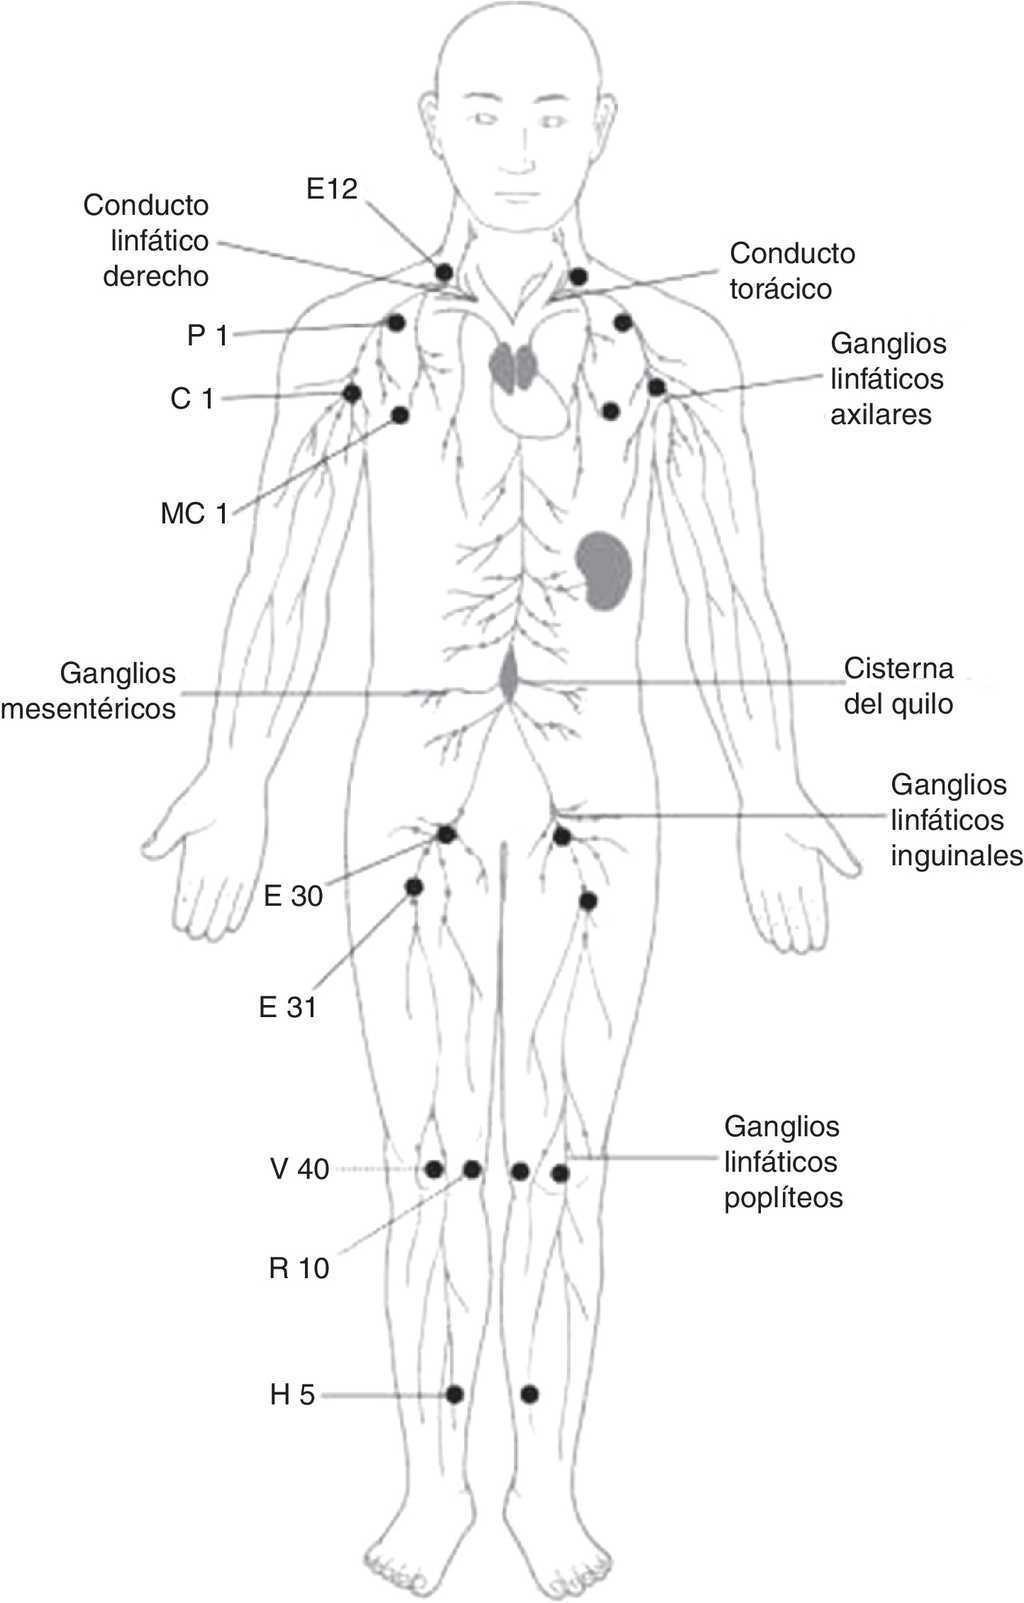 Meridianos distintos (Jīng Bié) y sistema linfático, comparación ...